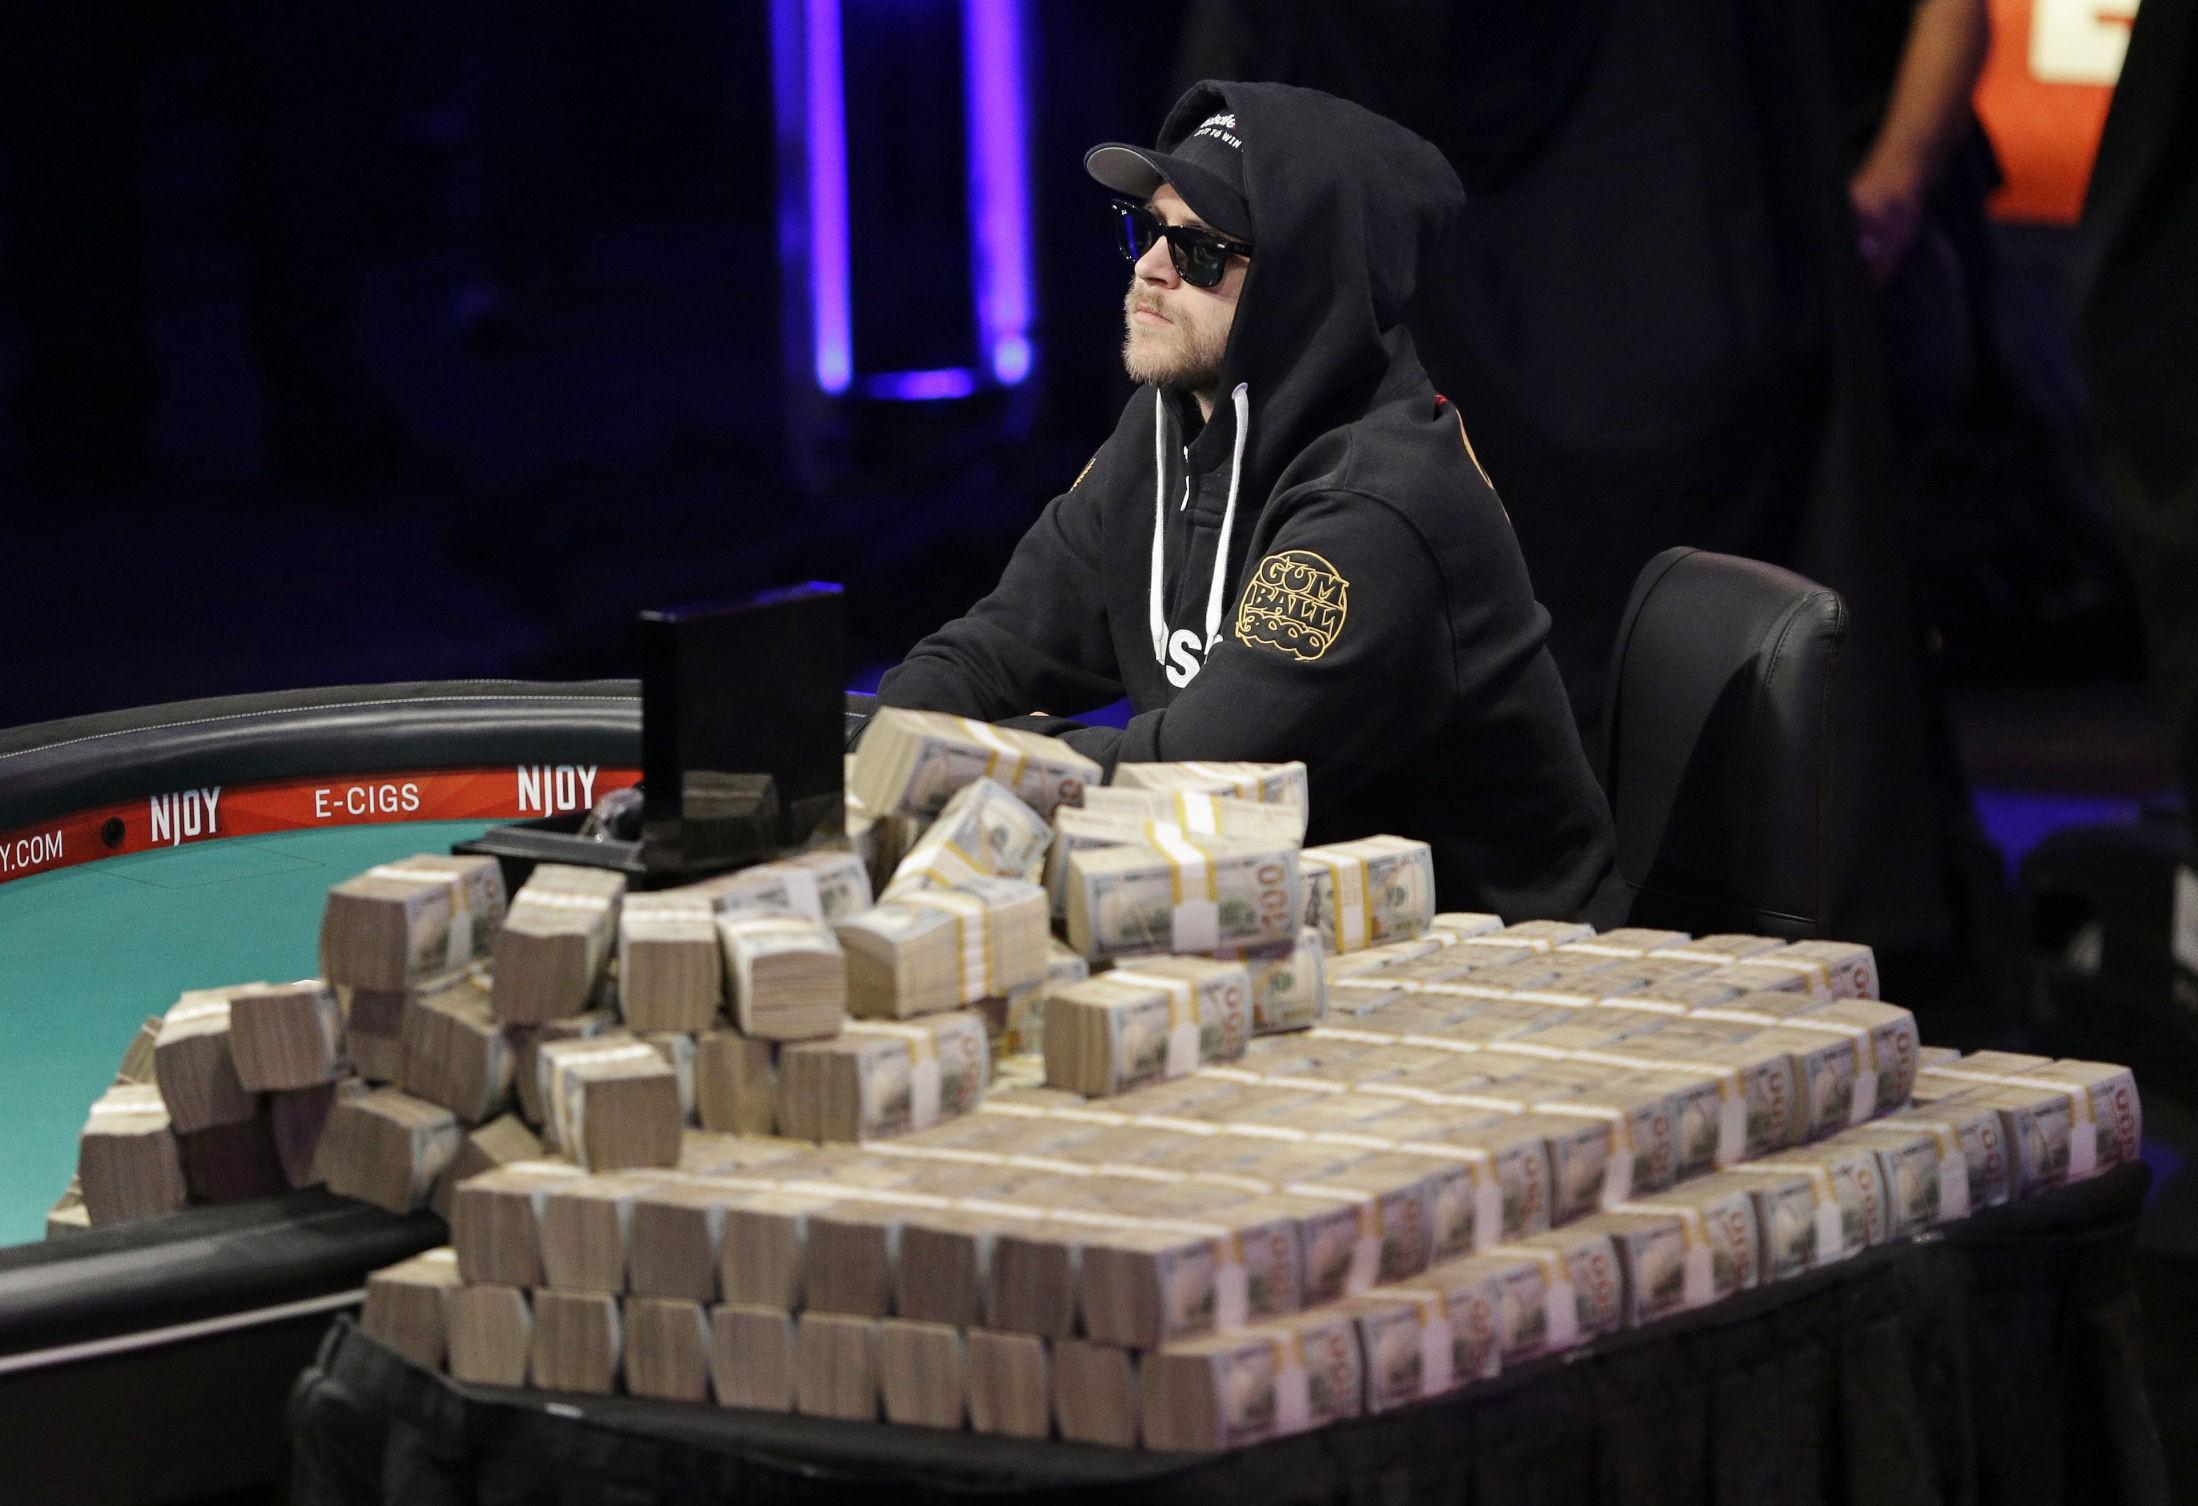 NEST BEST: Norske Felix Stephensen fikk skryt av pokerproffene i USA etter sitt spill. Dessverre holdt det ikke helt inn og det ble en andreplass på Felix. Oslogutten er uansett 35 millioner rikere etter turneringen.